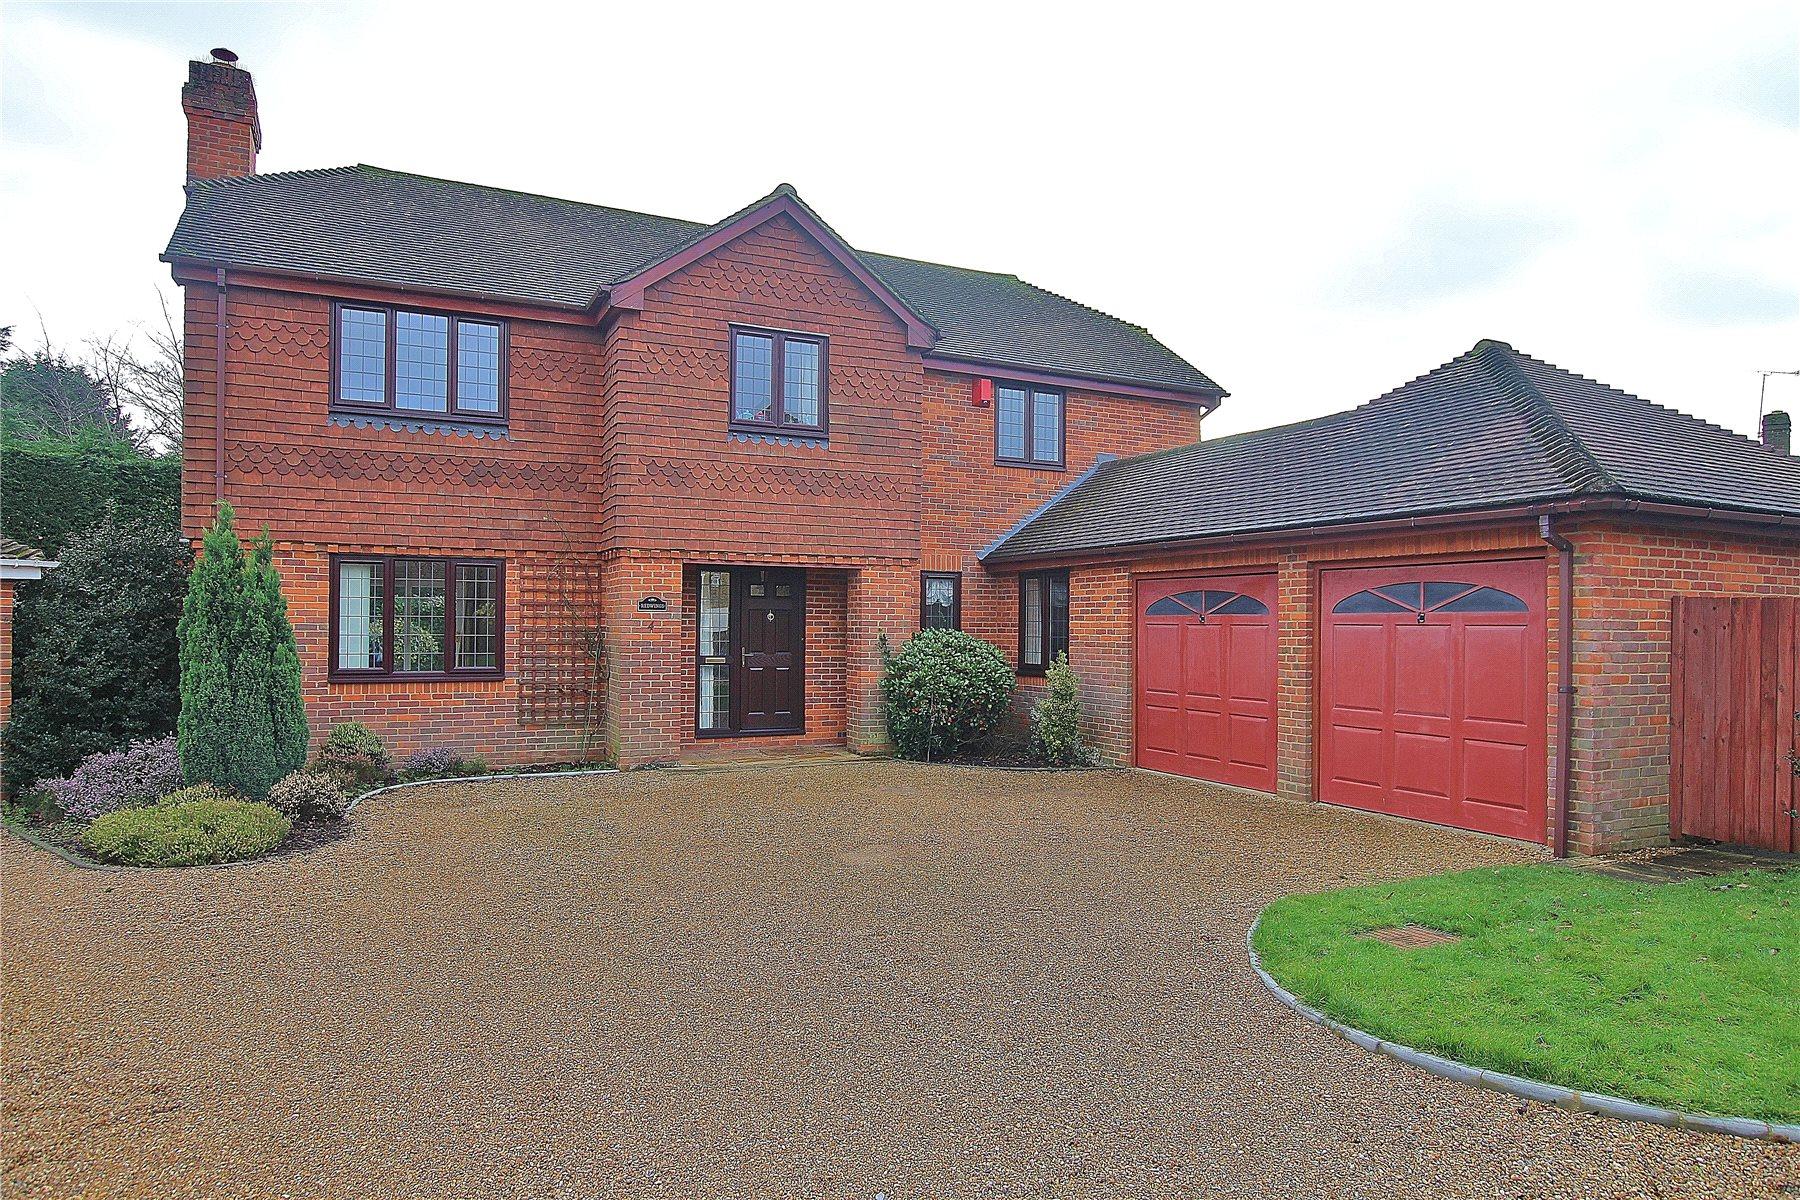 5 Bedrooms Detached House for sale in Salvia Court, Bisley, Woking, Surrey, GU24